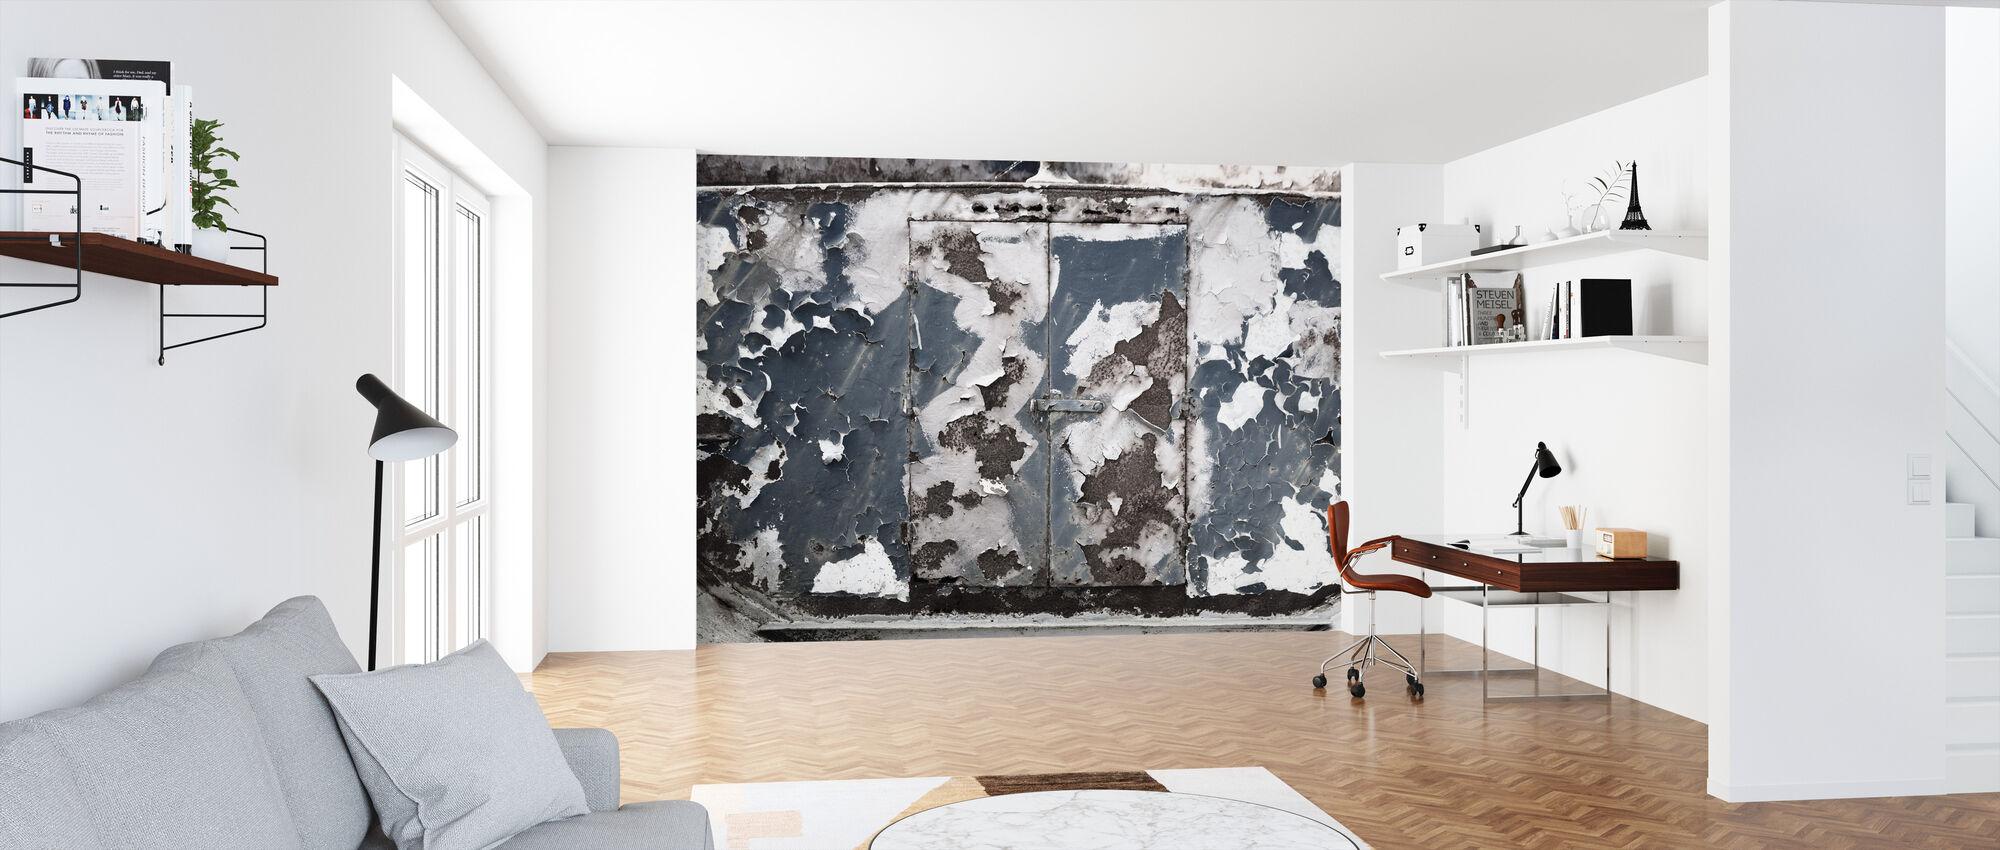 Rusty Old Door - Wallpaper - Office